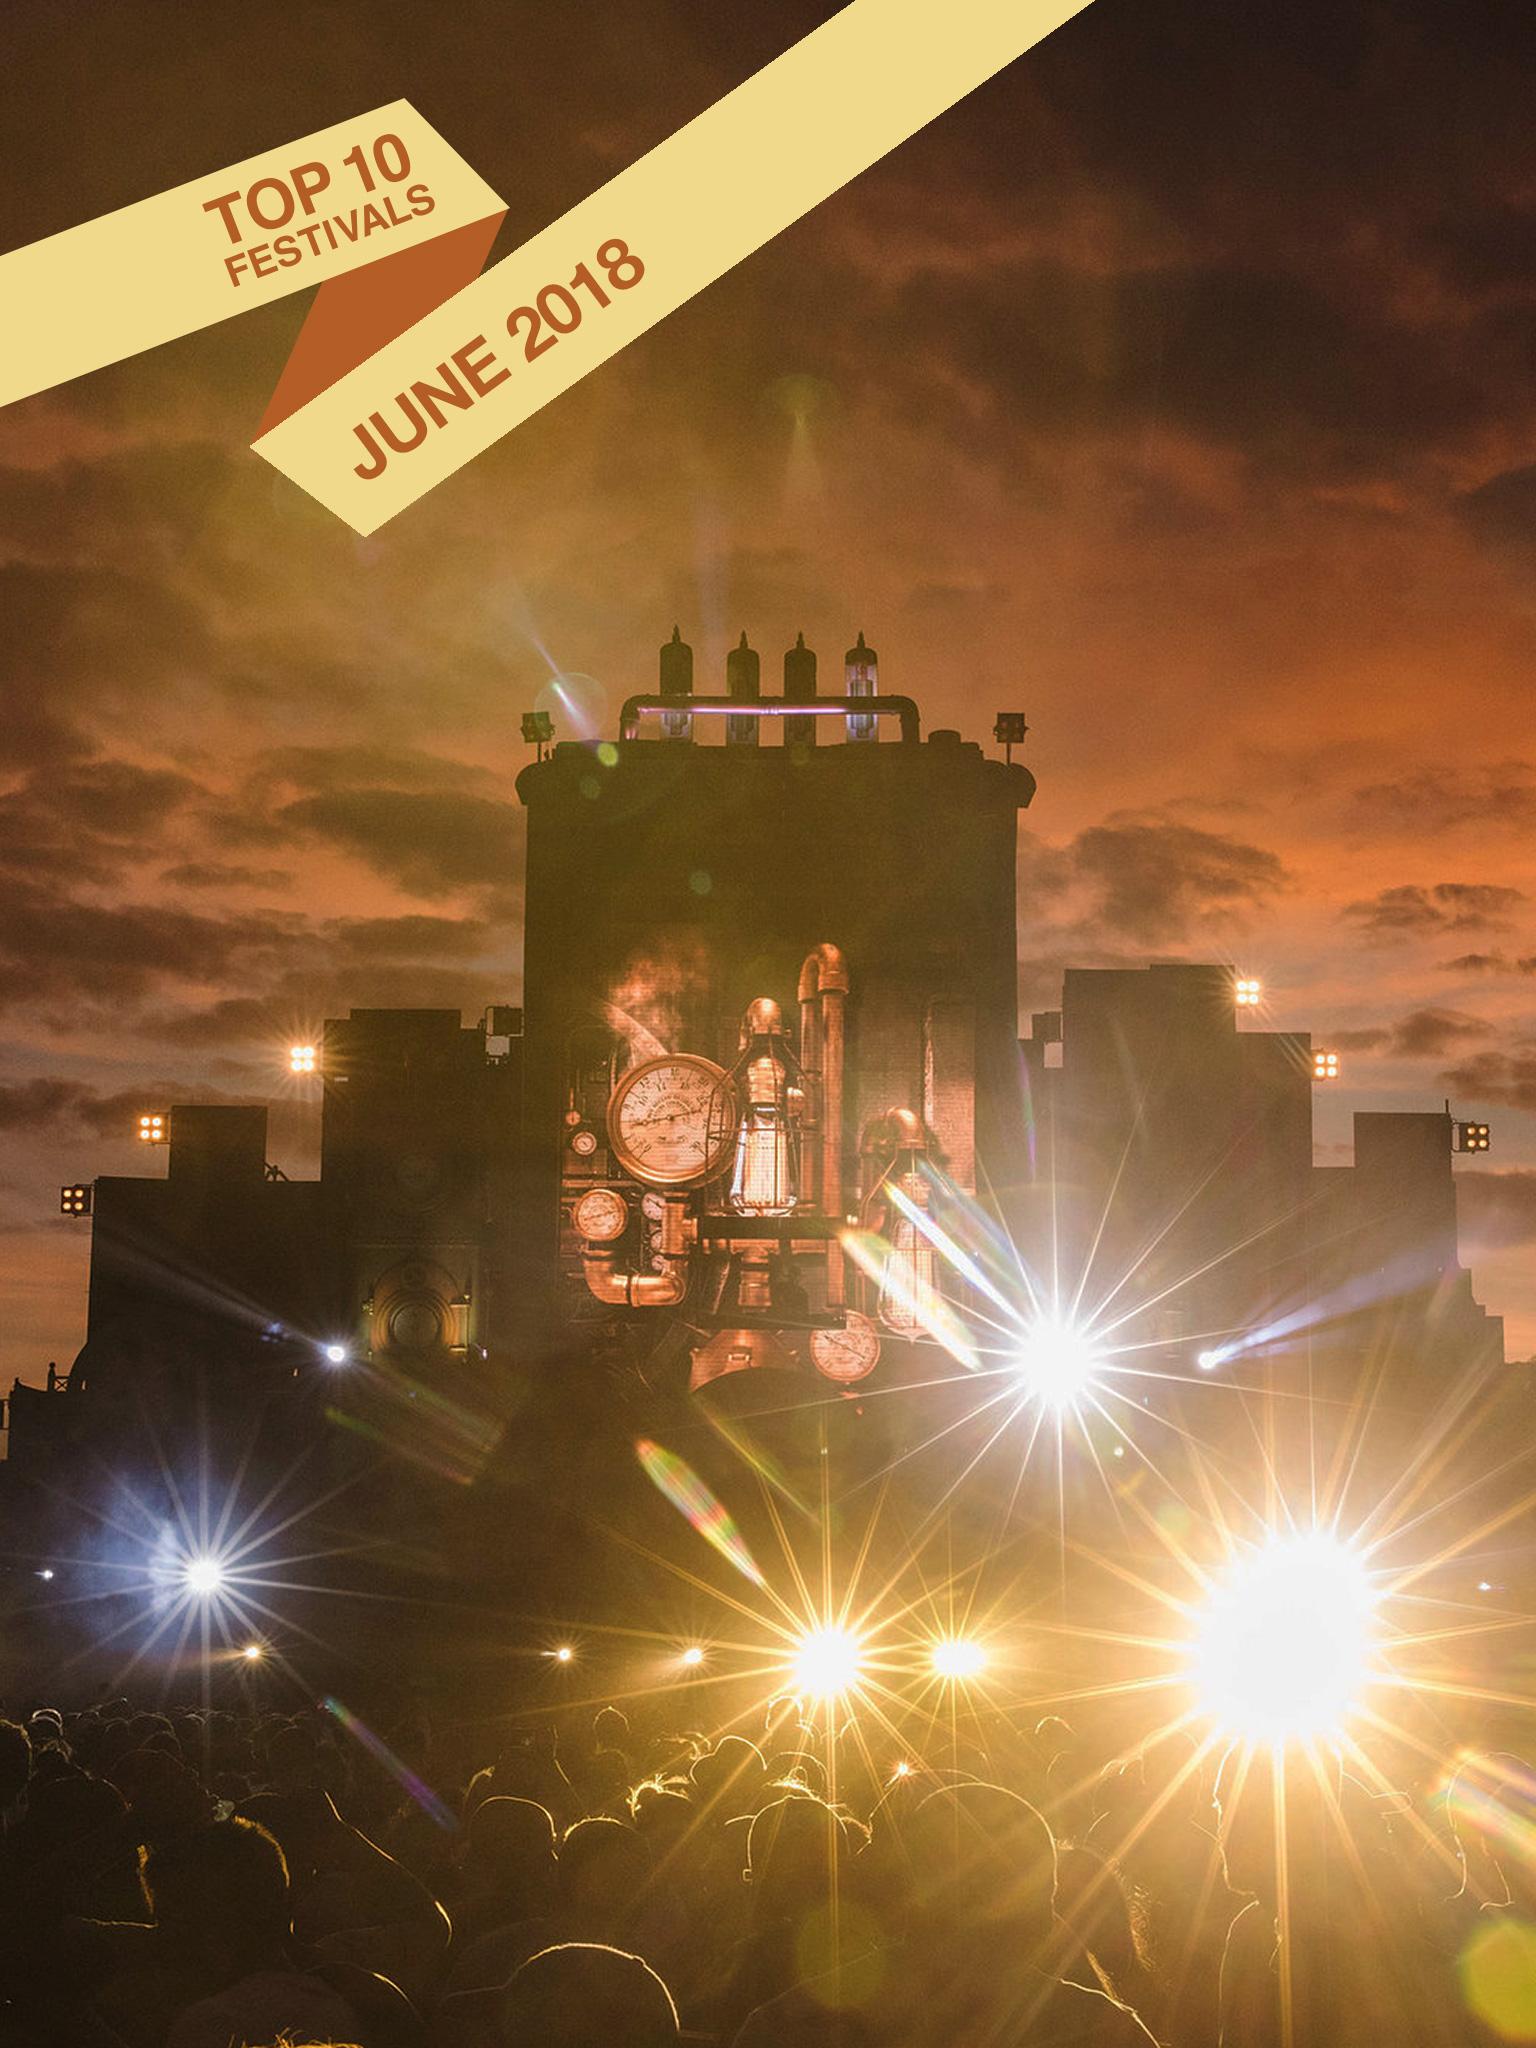 RA: Top 10 July 2018 Festivals